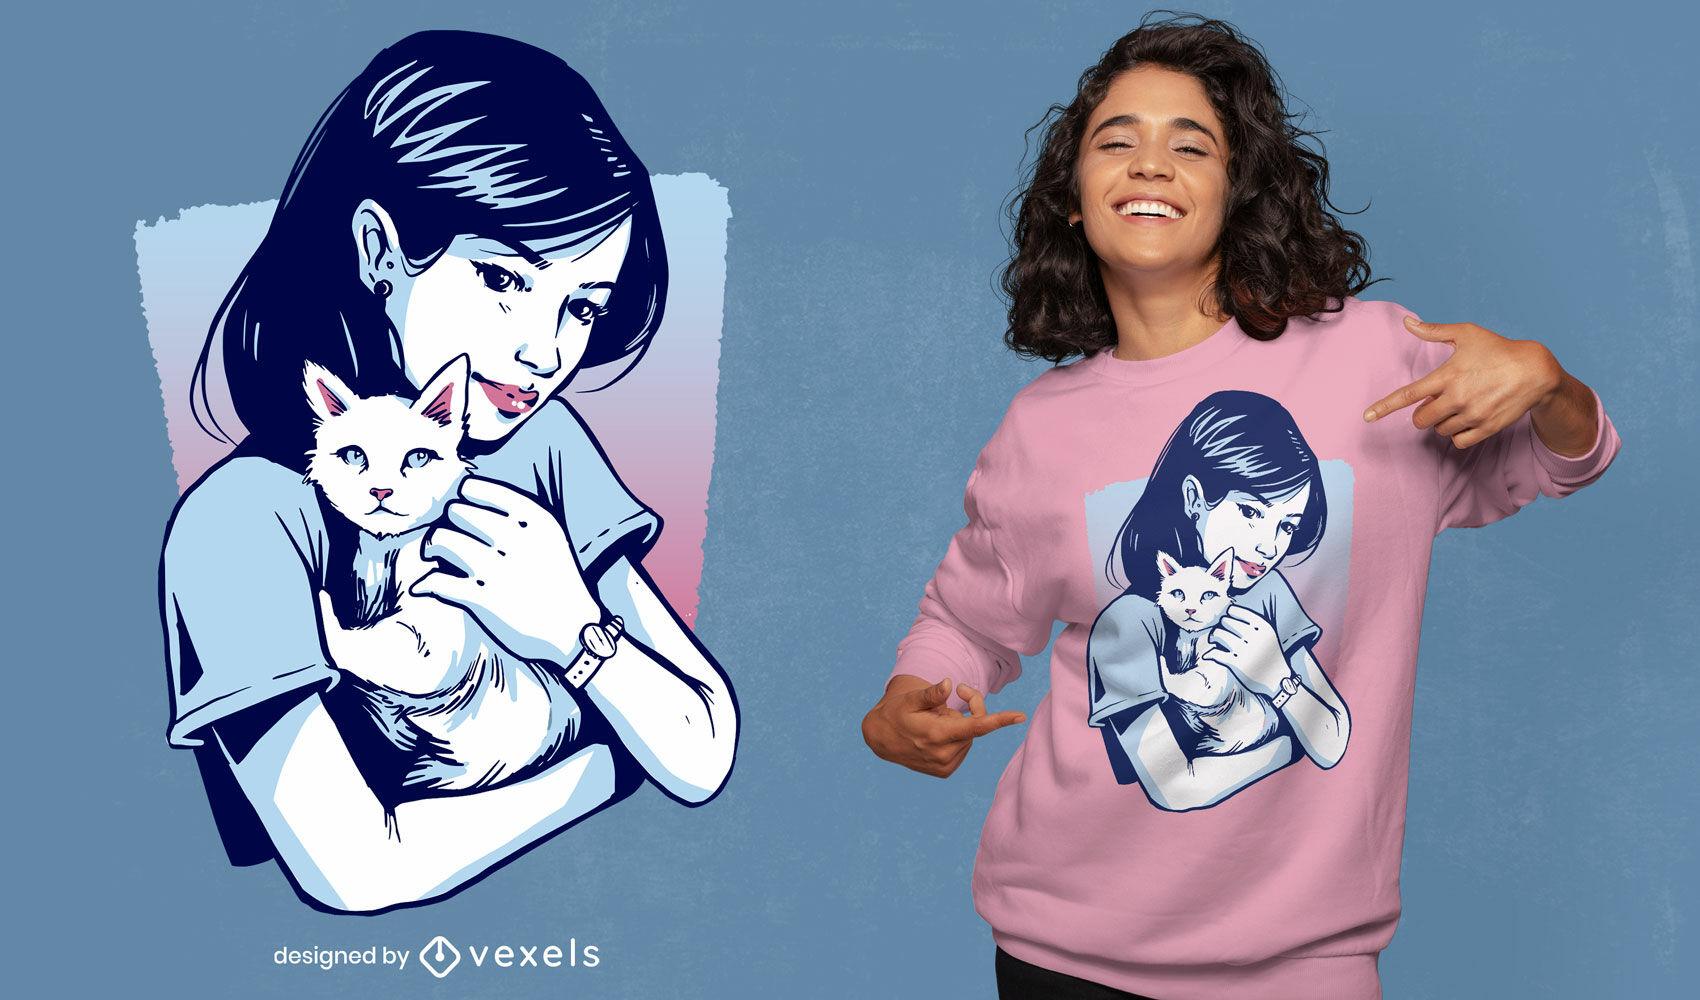 Cute girl holding a cat t-shirt design